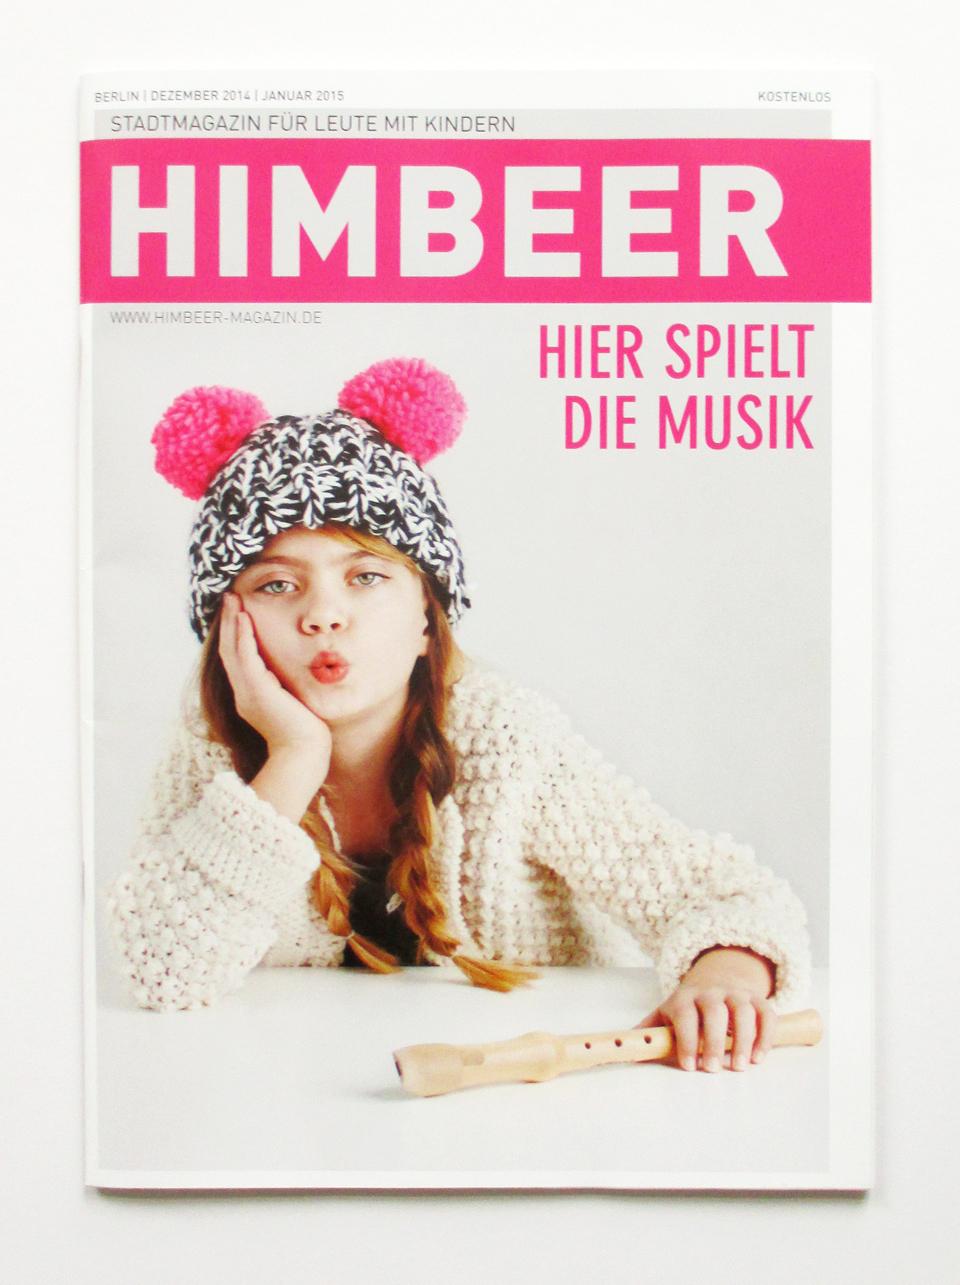 PETERSEN hellopetersen im HIMBEER Magazin